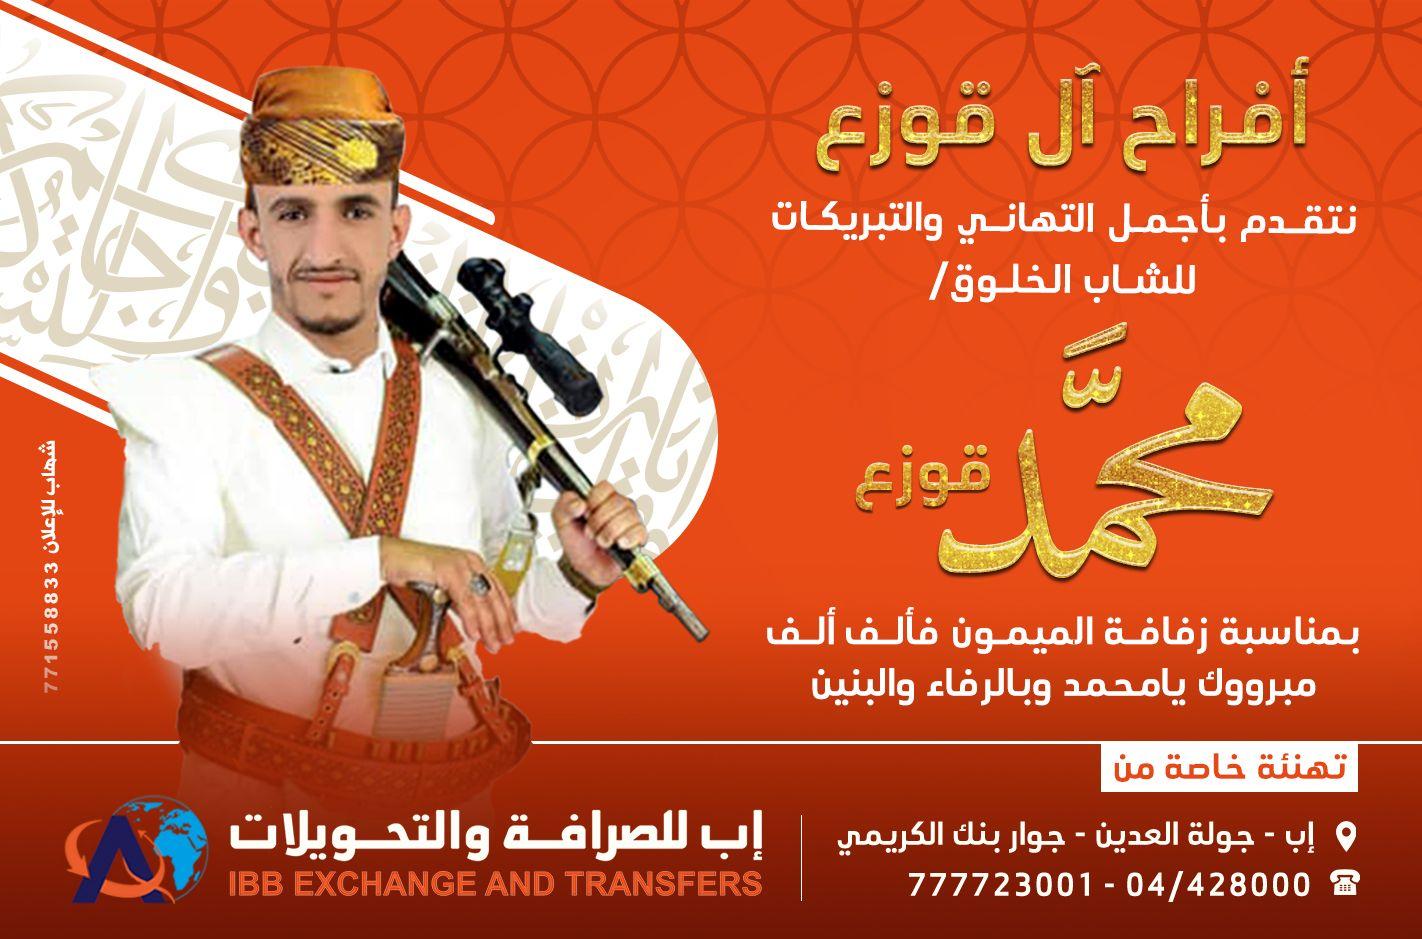 تهنئة للعريس محمد قوزع Advertising Photography Graphic Design Advertising Photoshop